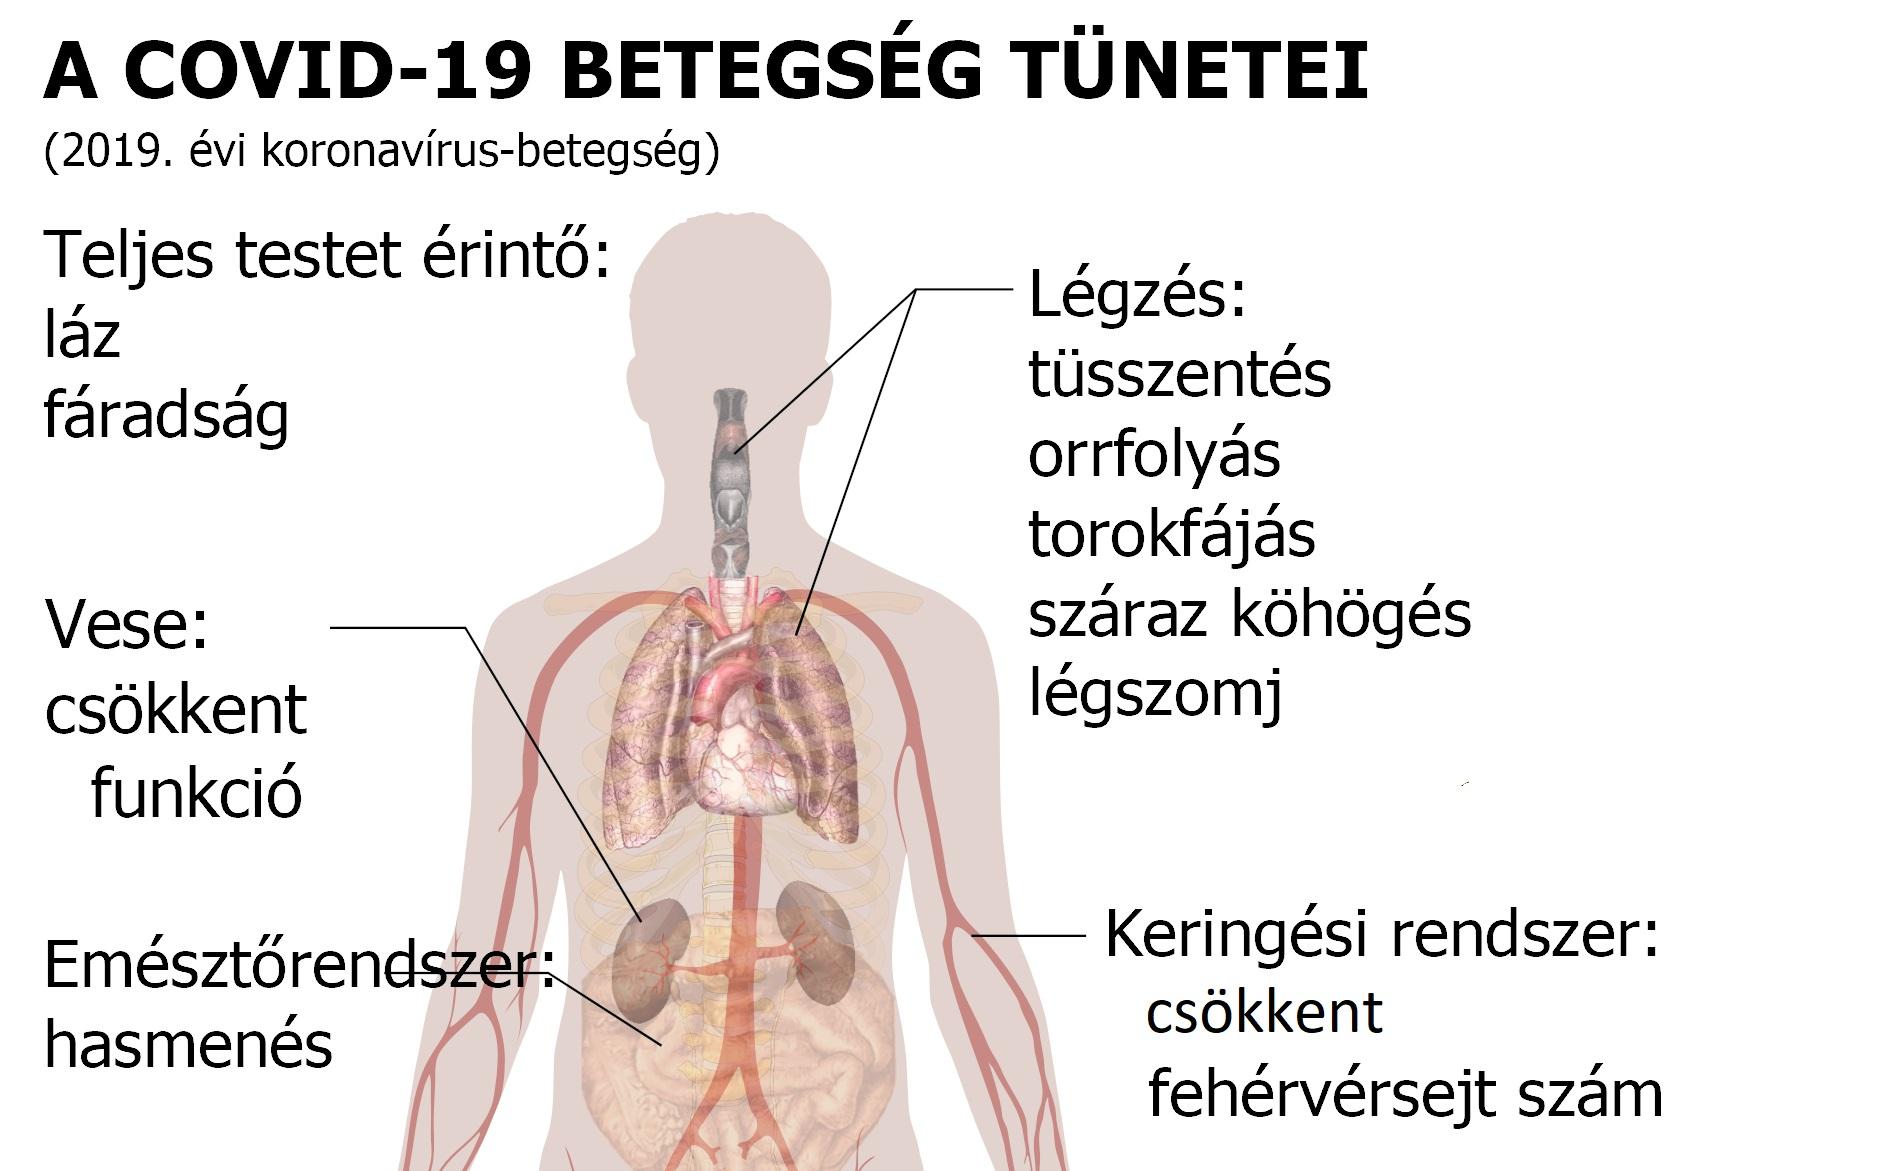 a magas vérnyomás megelőző intézkedései)